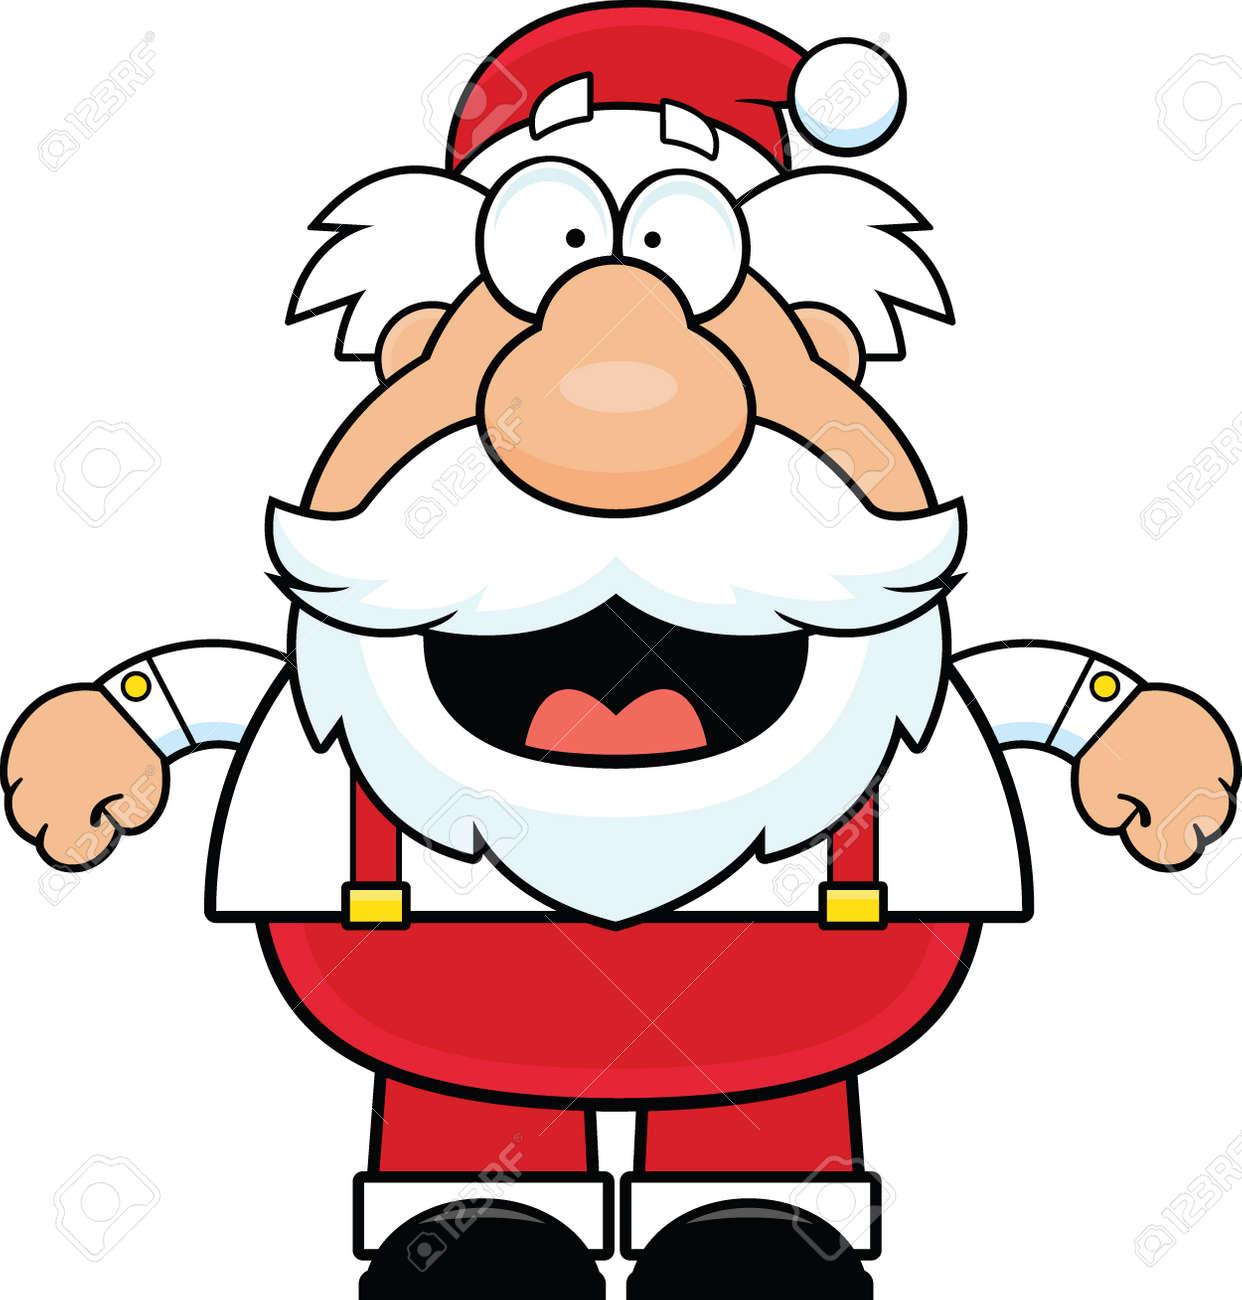 笑顔サンタ クロースのイラストを漫画します。 ロイヤリティフリー